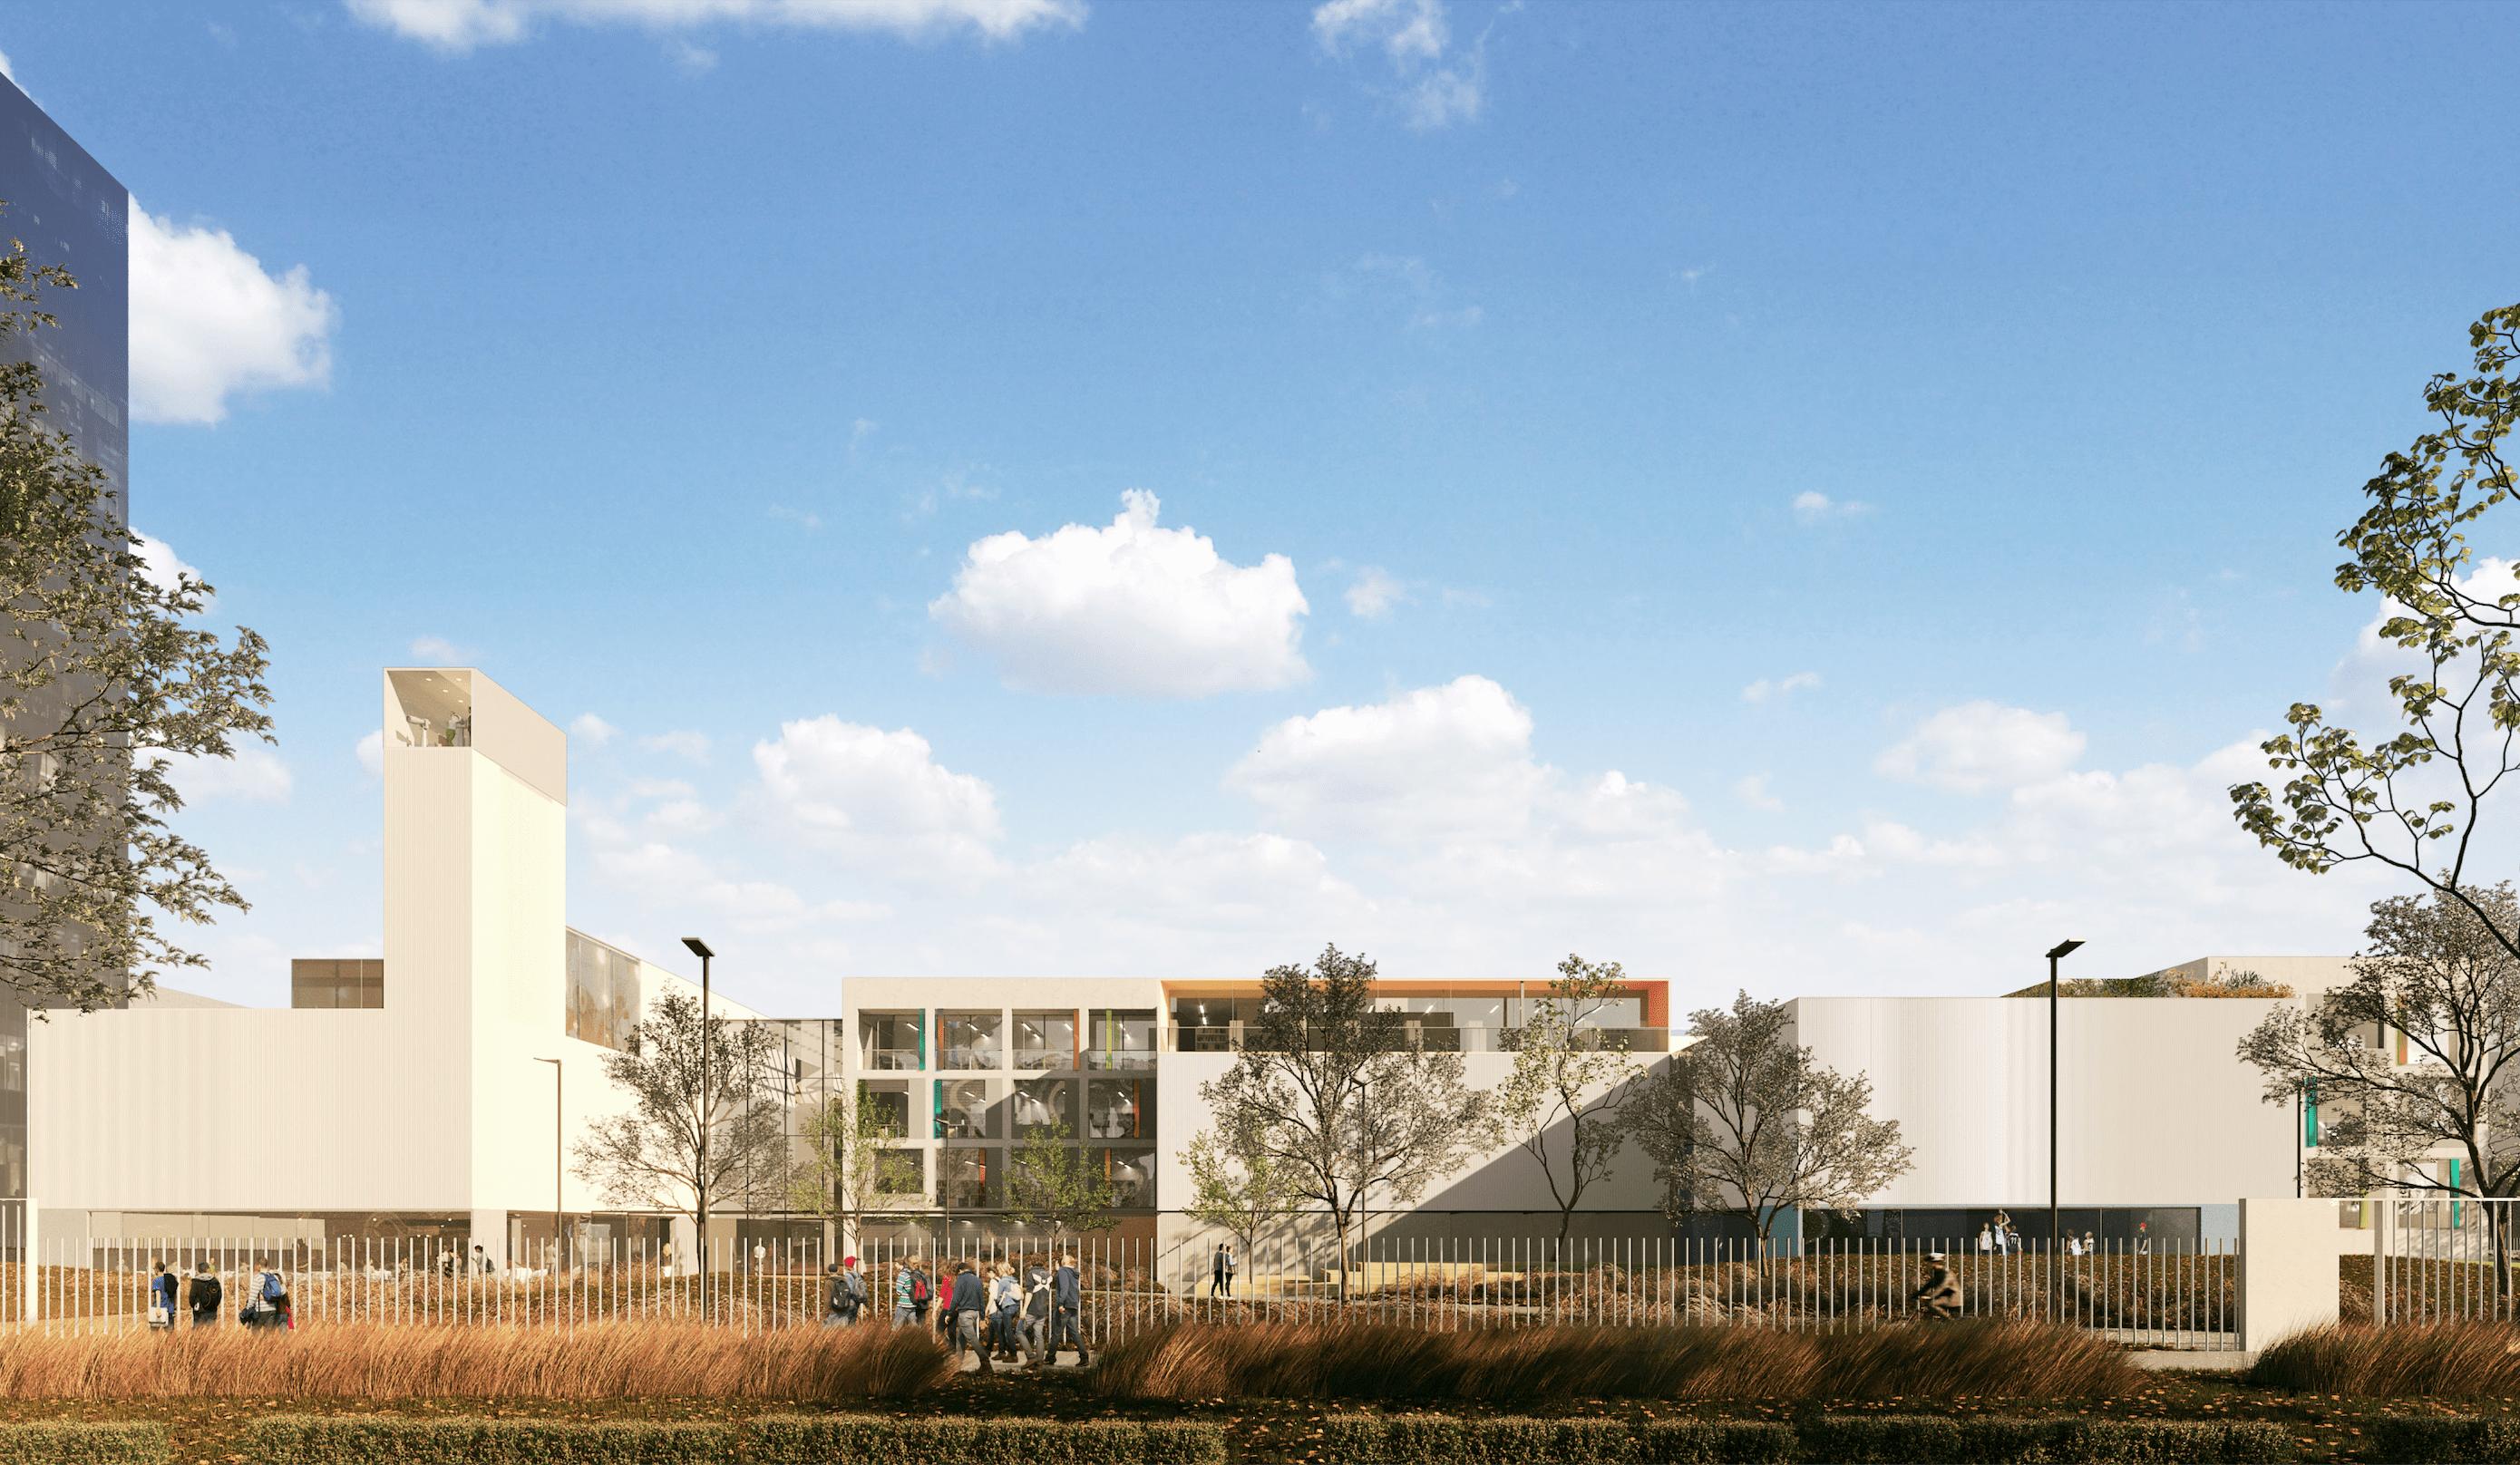 Натерритории UNIT.City начали строить школу: как она будет выглядеть